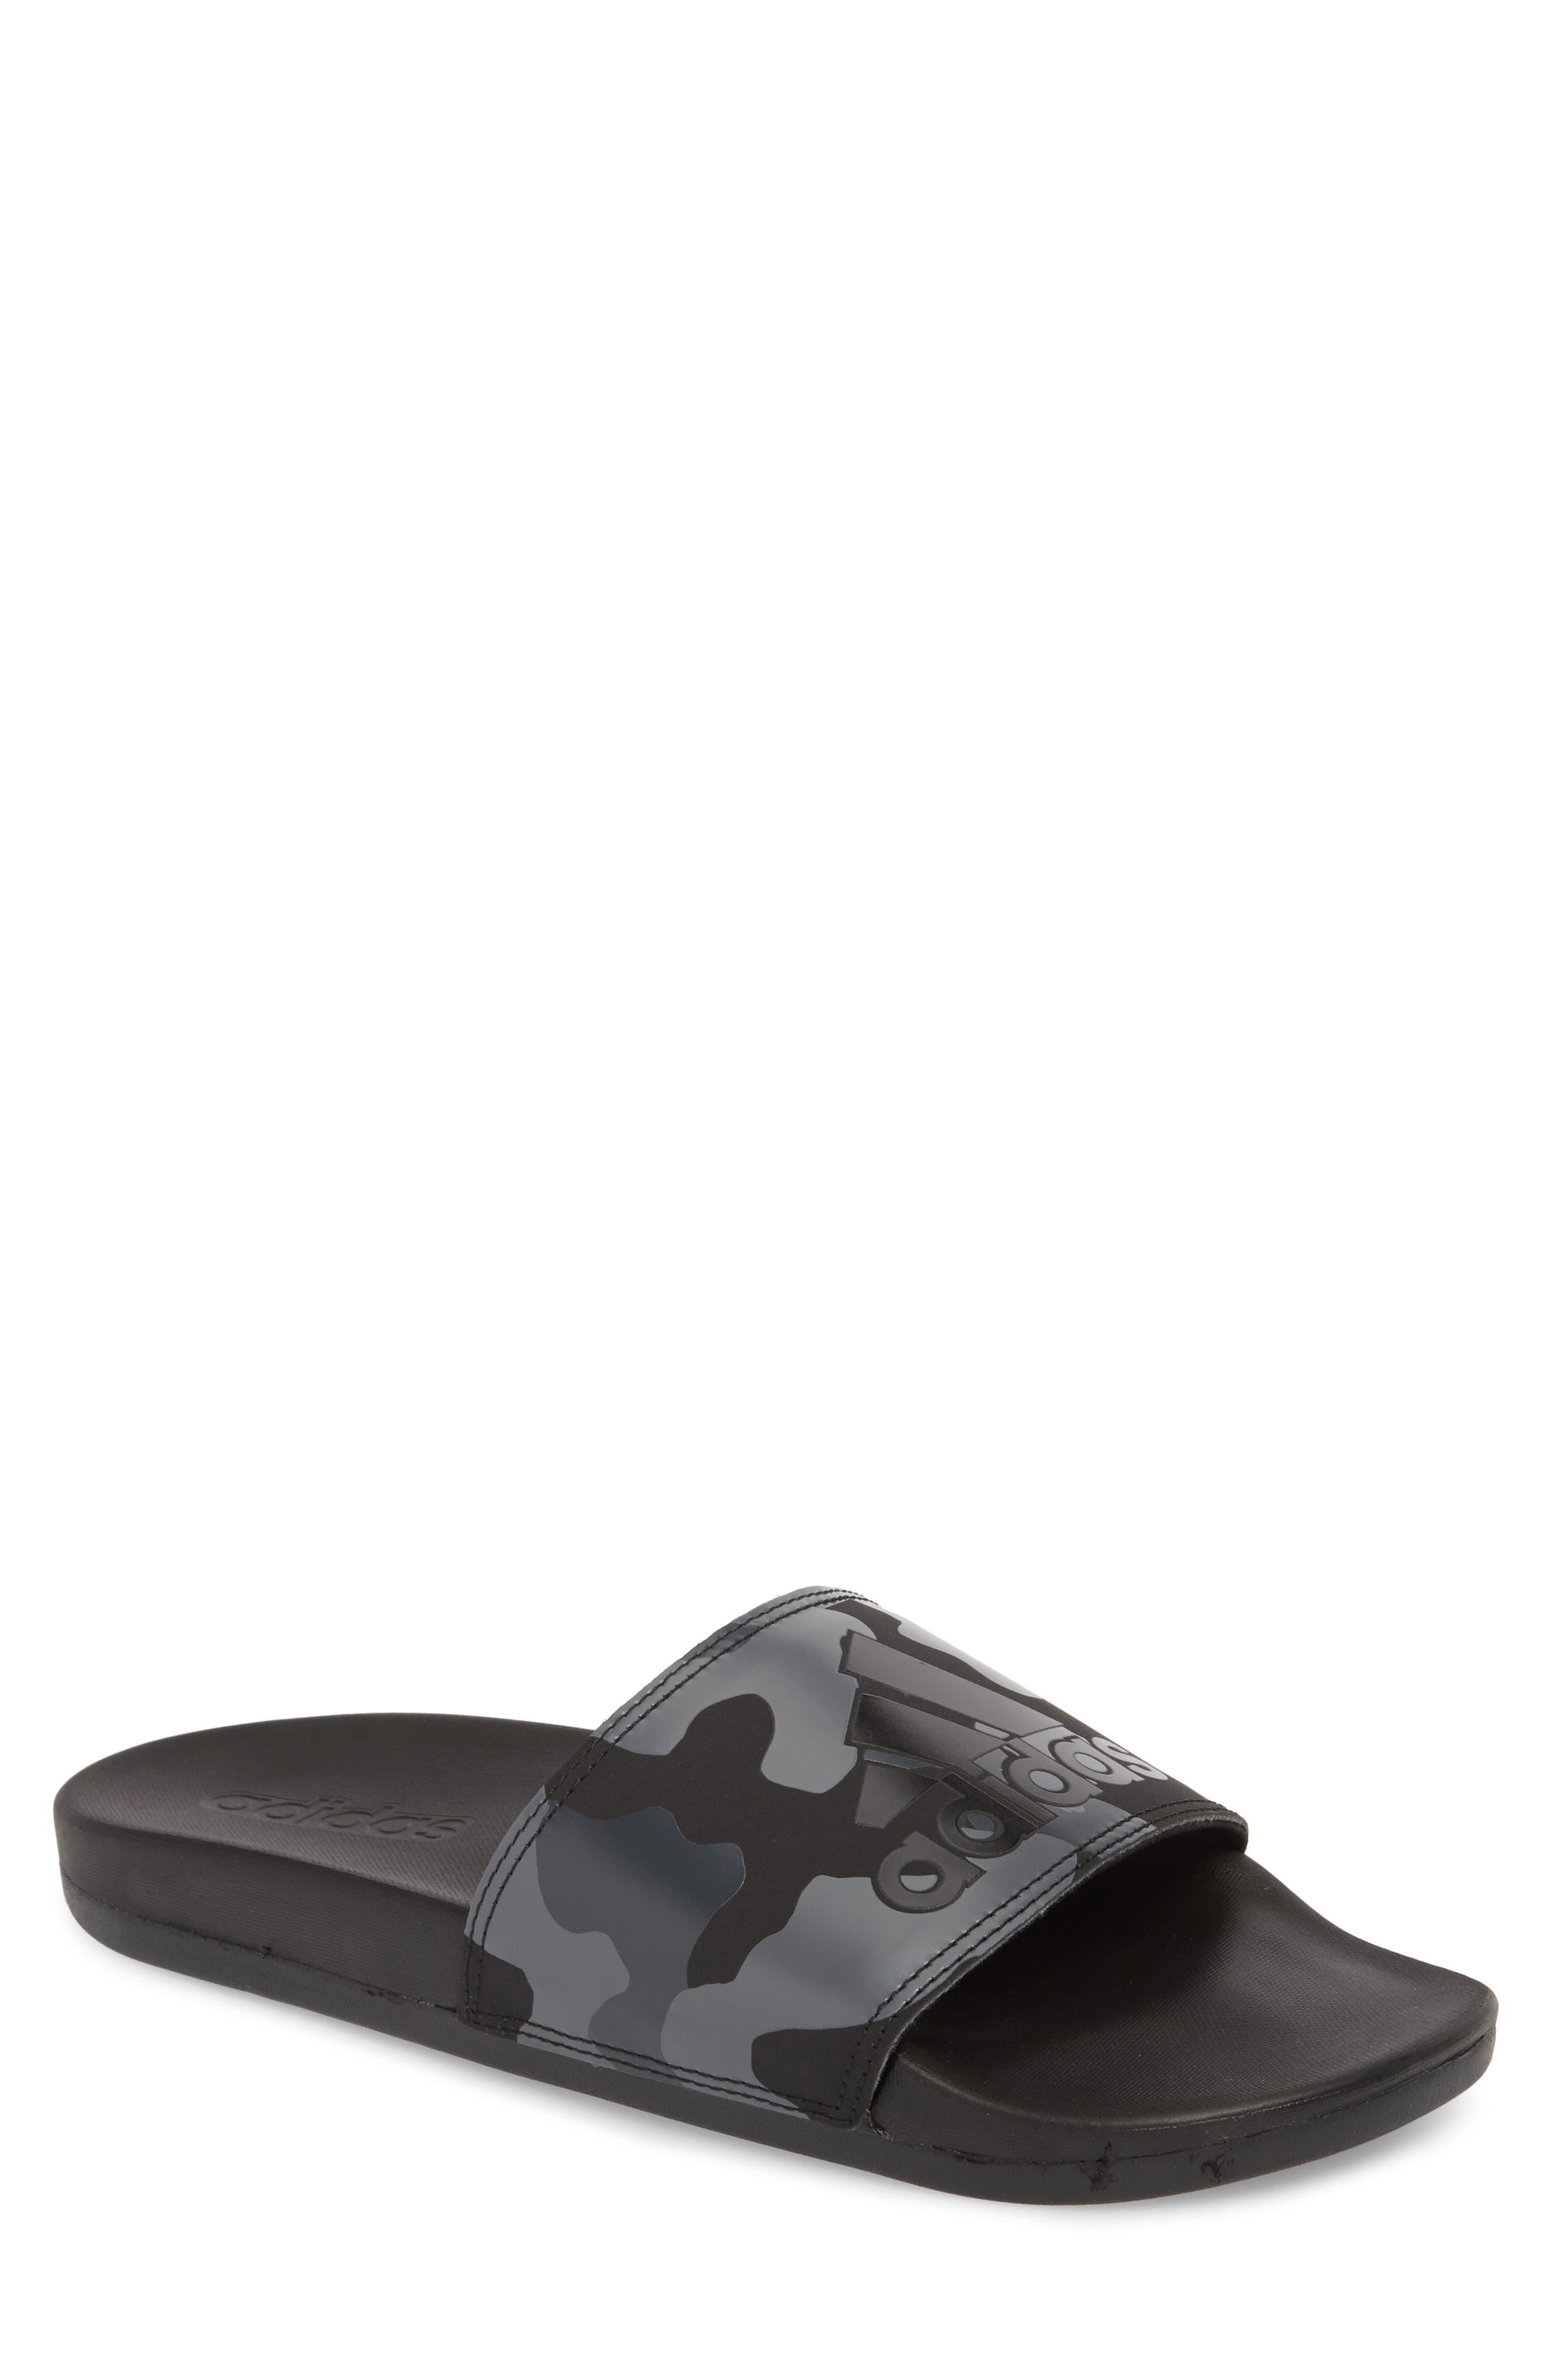 Cloudfoam Plus Slide Sandal,                         Main,                         color, Core Black/ White/ Carbon